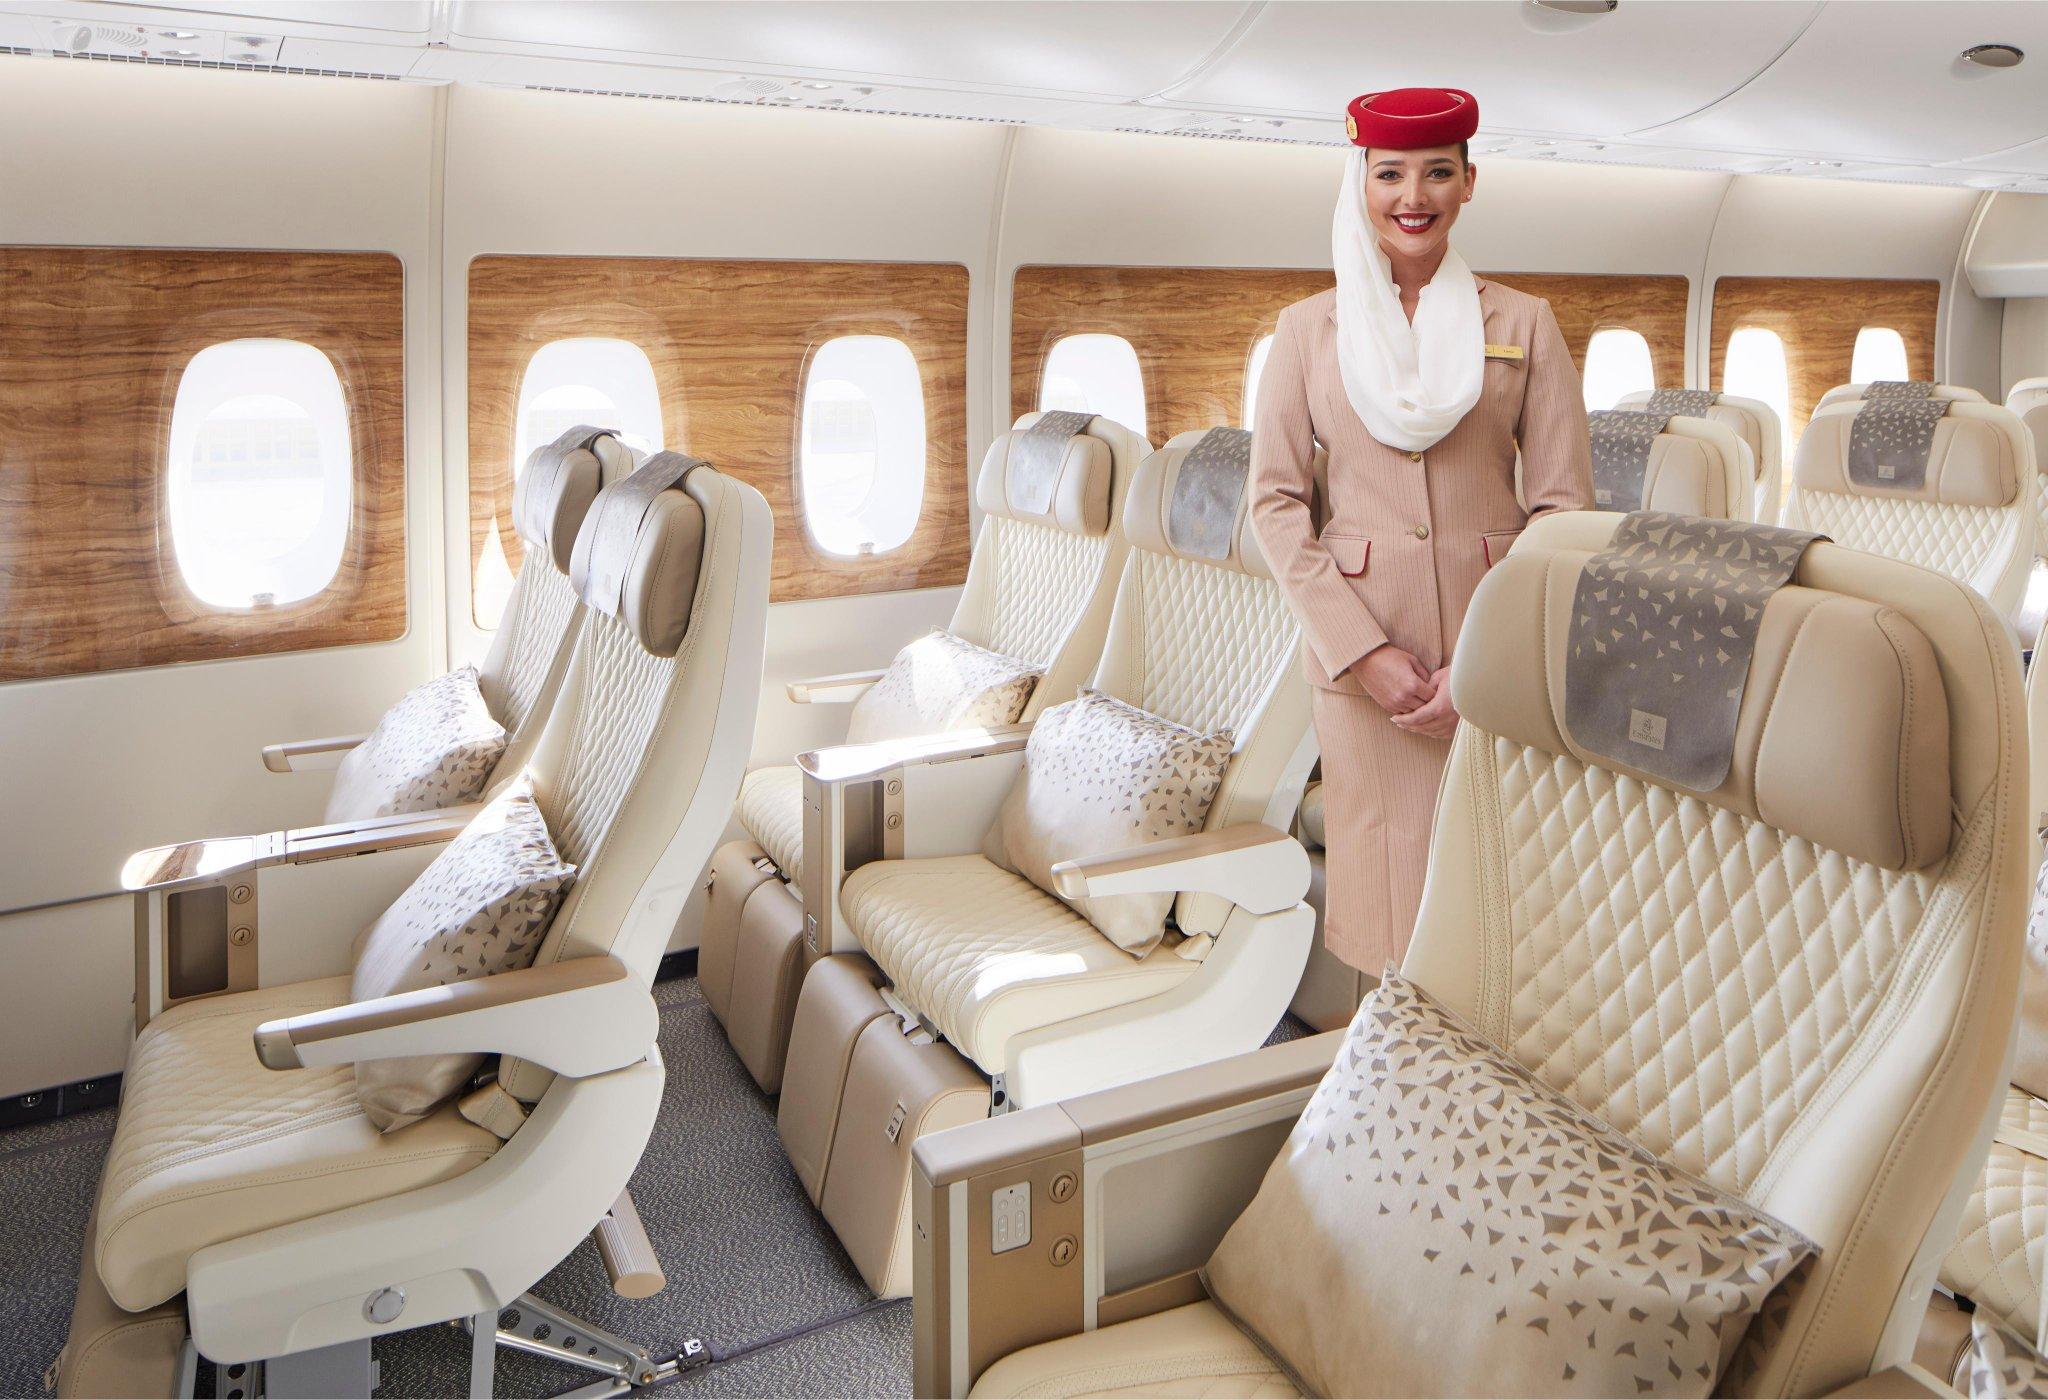 Emirates Premium Ekonomi